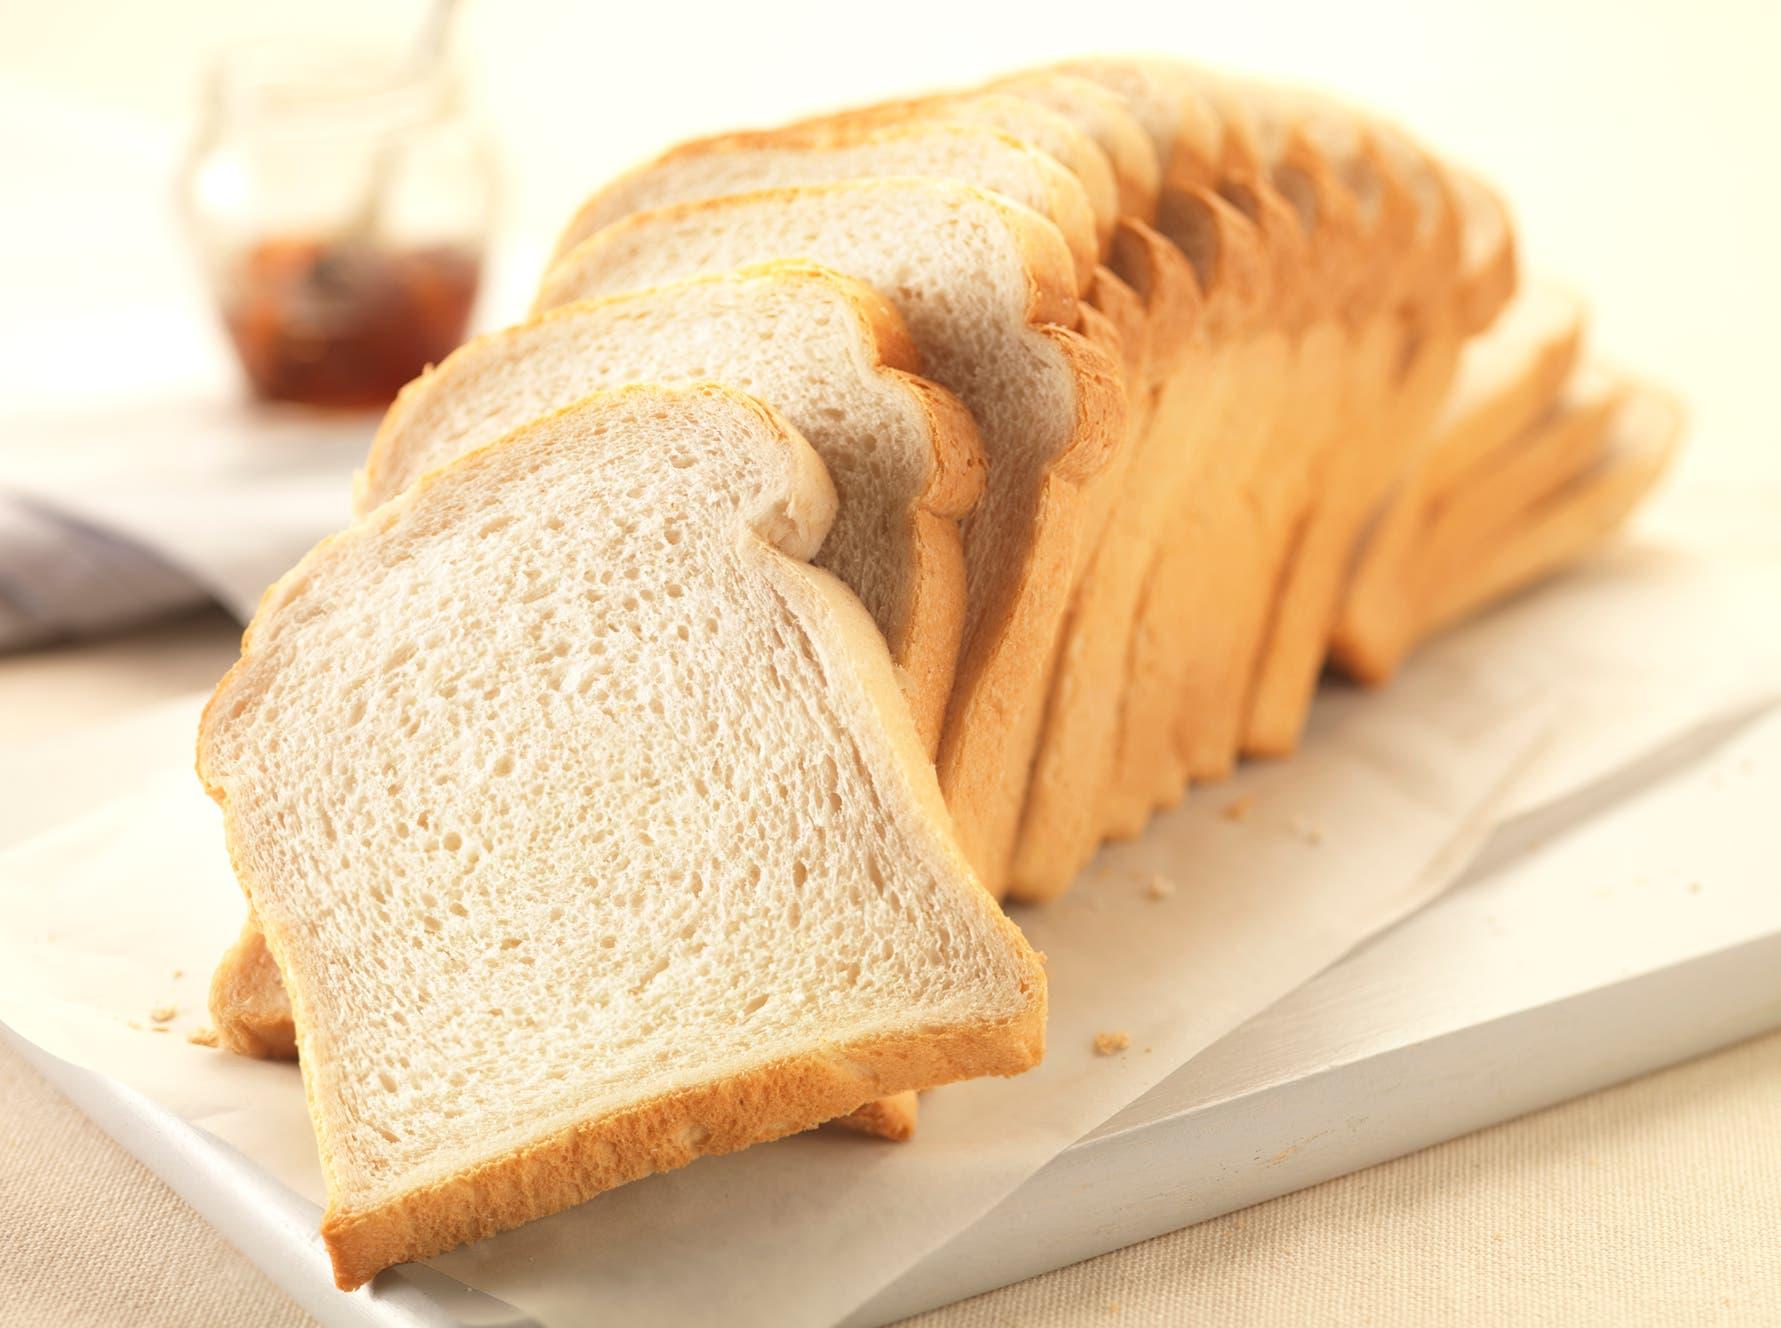 15 نوعاً من الأطعمة لا تضعها أبداً في الثلاجة 2beb9be9-f22a-441b-ad6e-406d2ac411e5